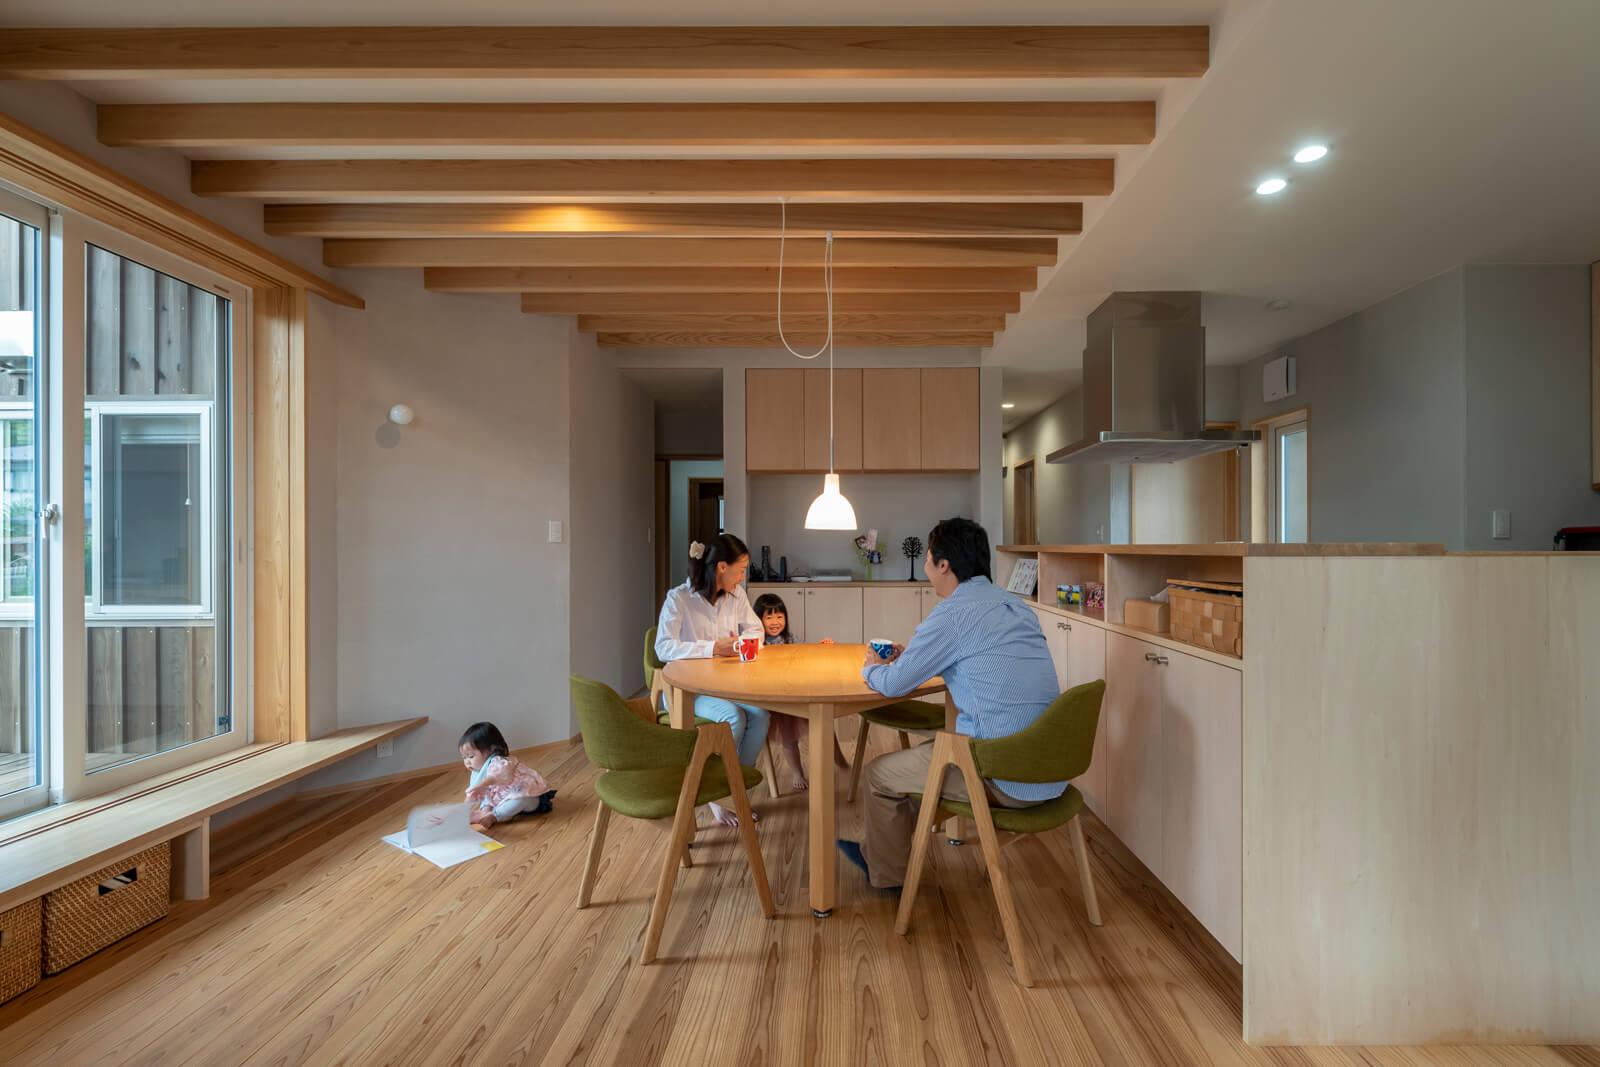 キッチン横のダイニングテーブルを中心に、家族ののどかな時間が過ぎていく